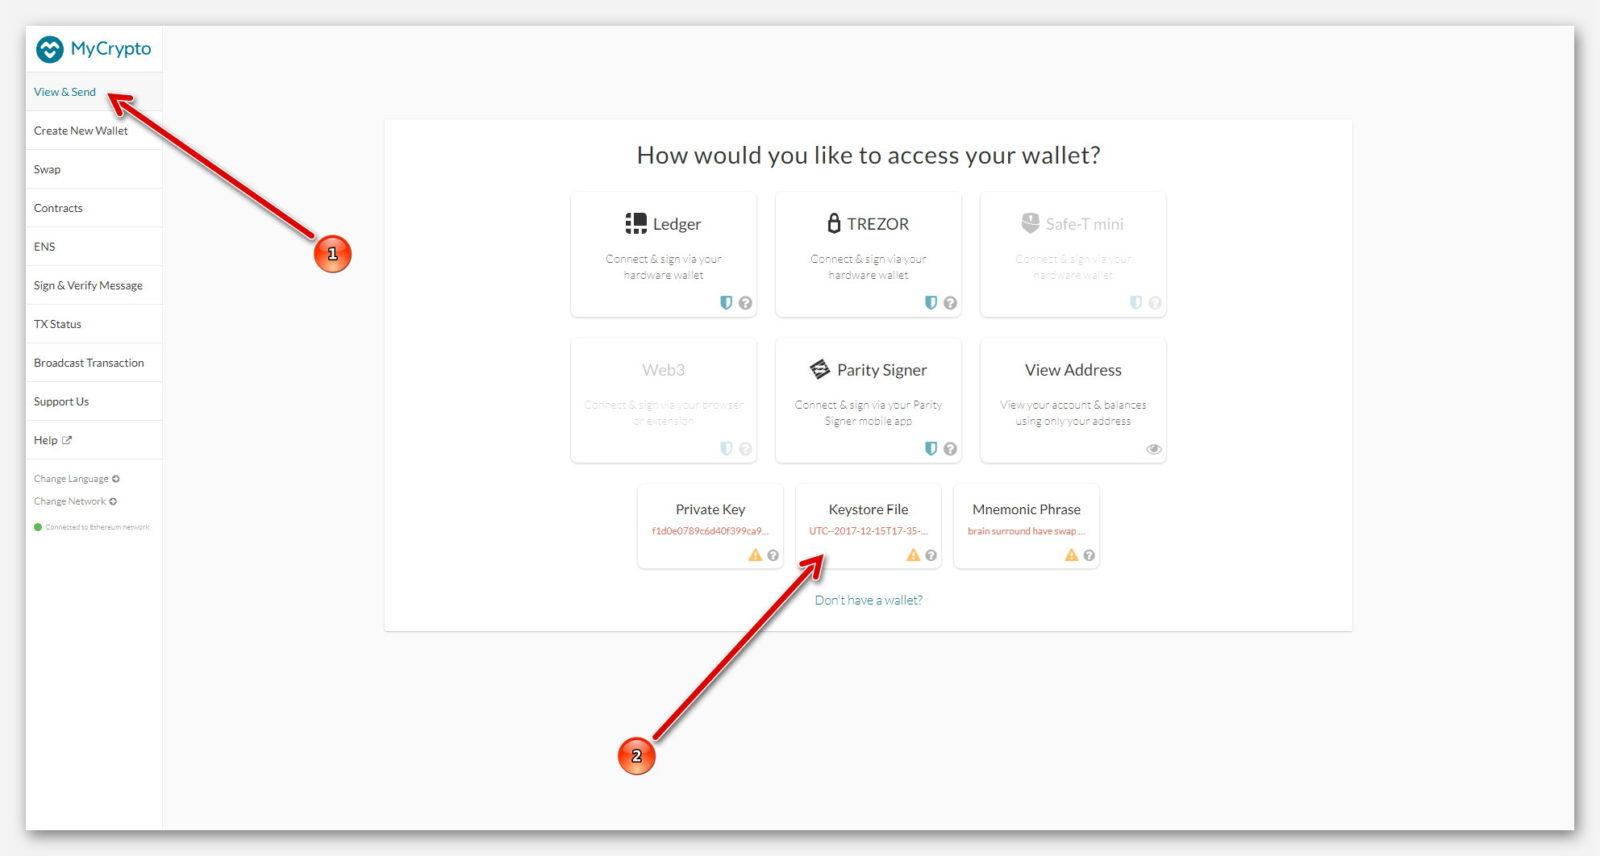 Войти в кошелёк с помощью Keystore File